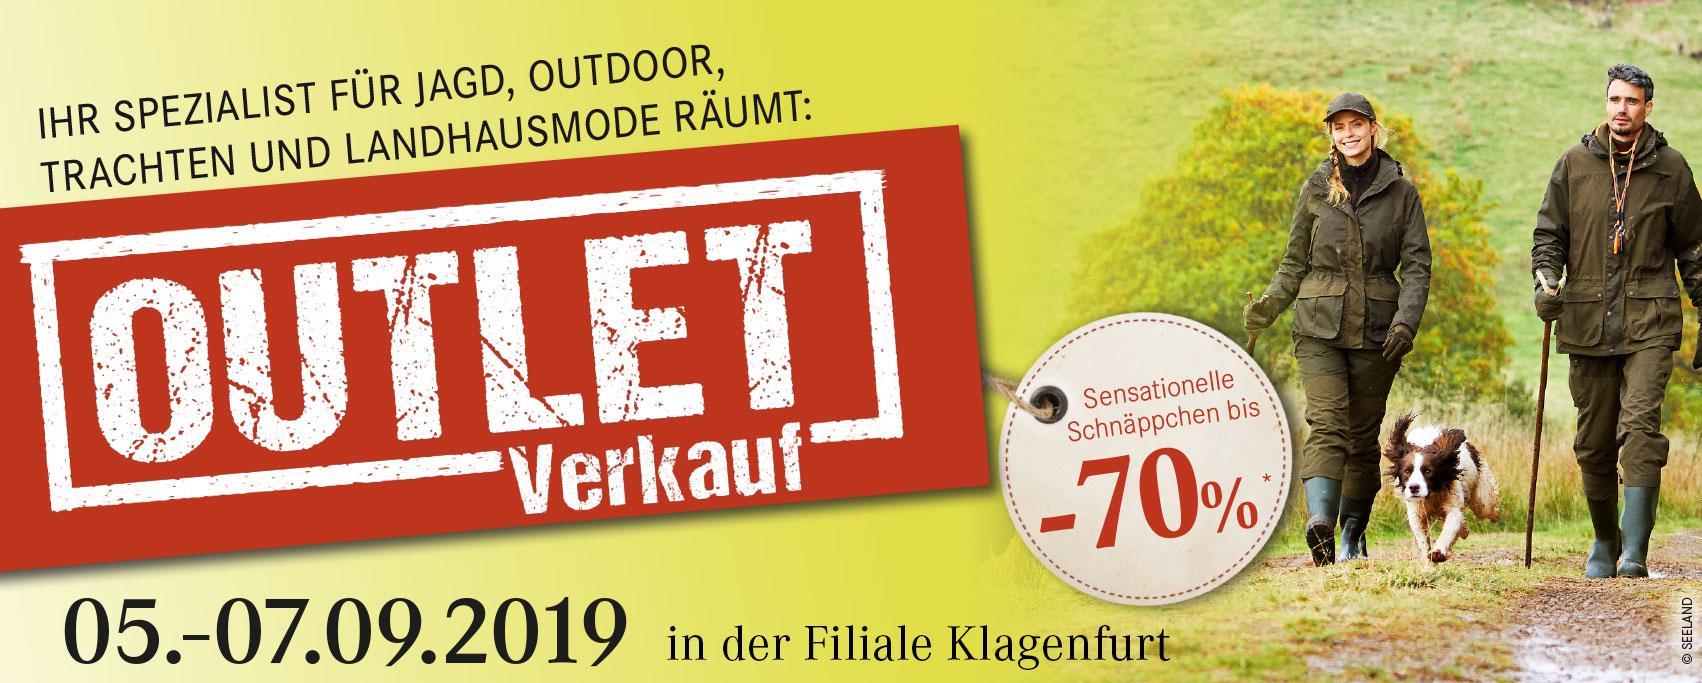 Outlet Klagennfurt